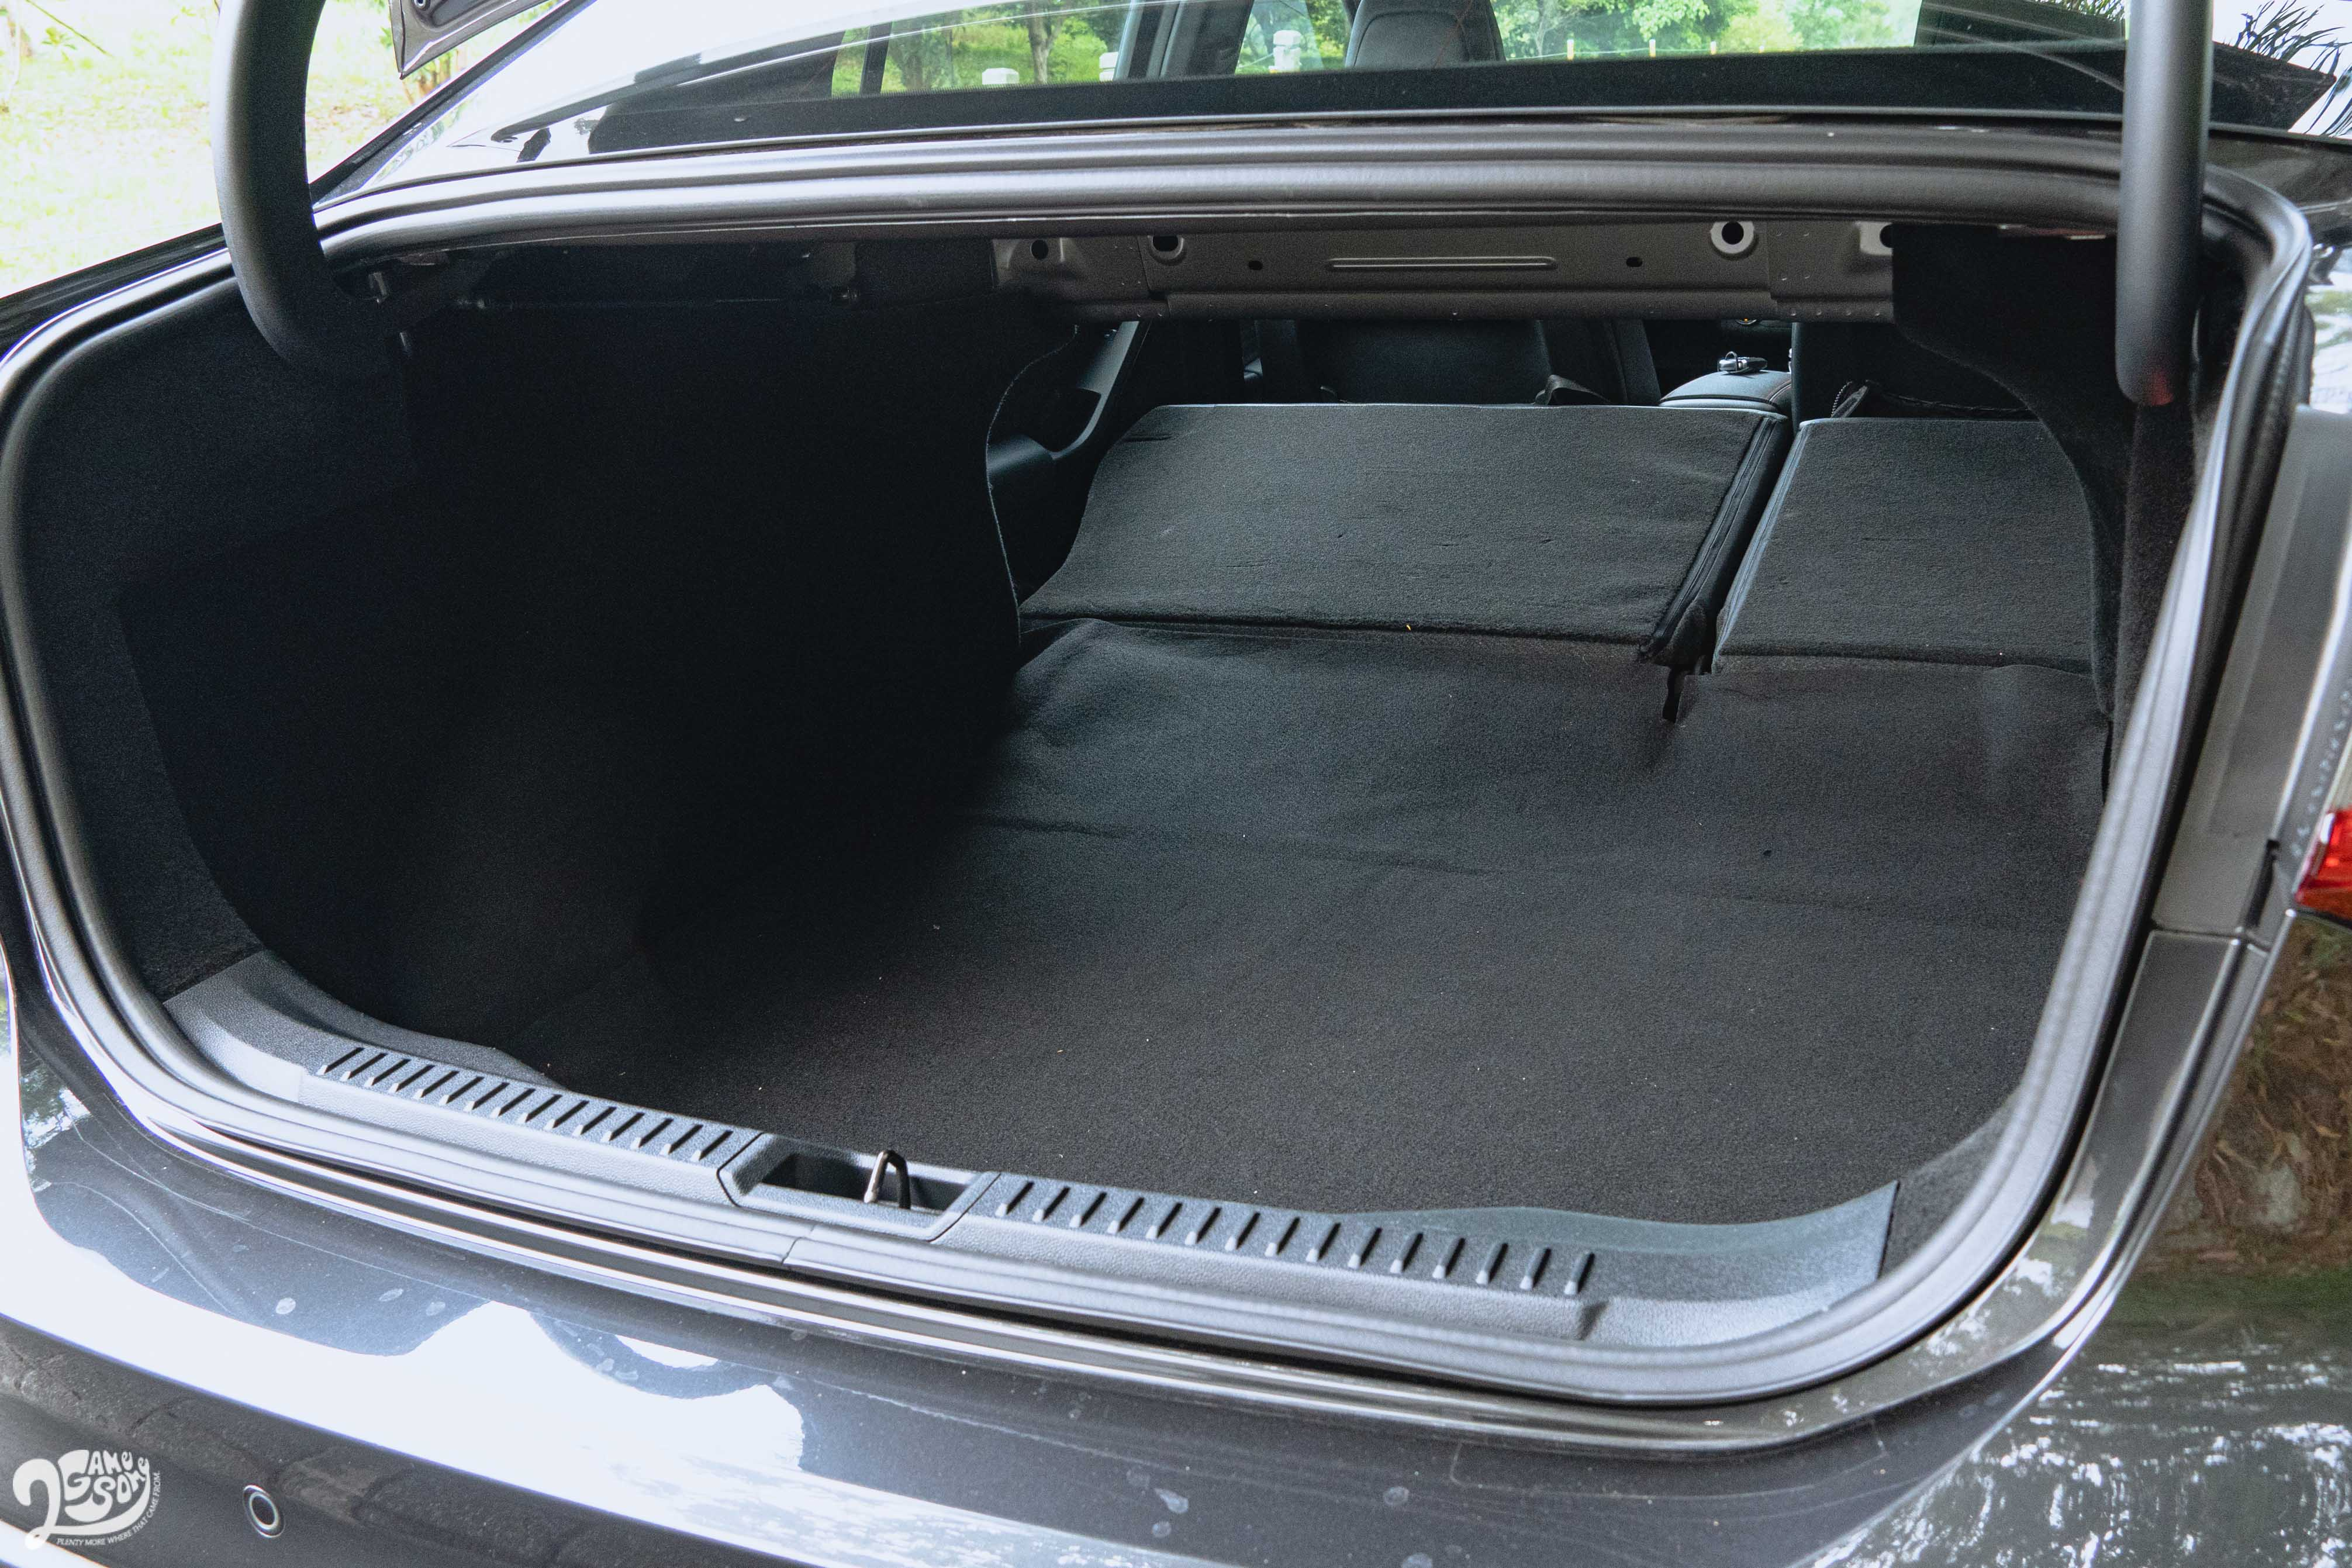 Focus 4D 比 5D 多出 170 公升的行李廂空間(511 公升)。